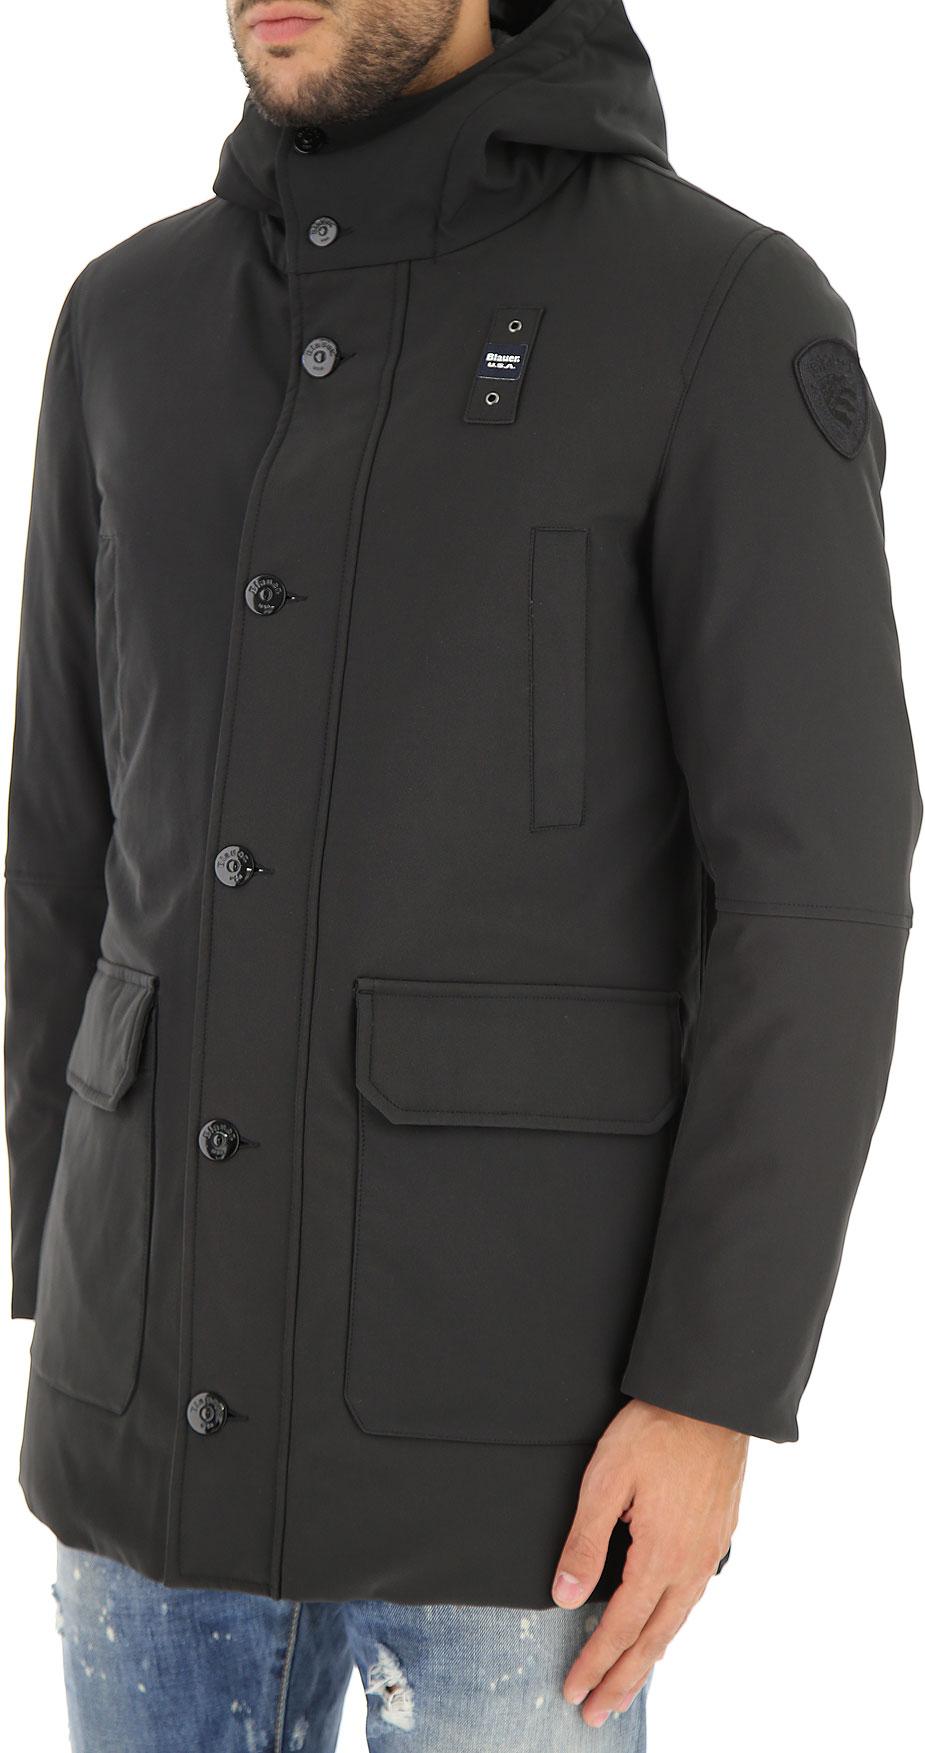 Abbigliamento Uomo Blauer, Codice Articolo: 17wbluk03075-004723-999